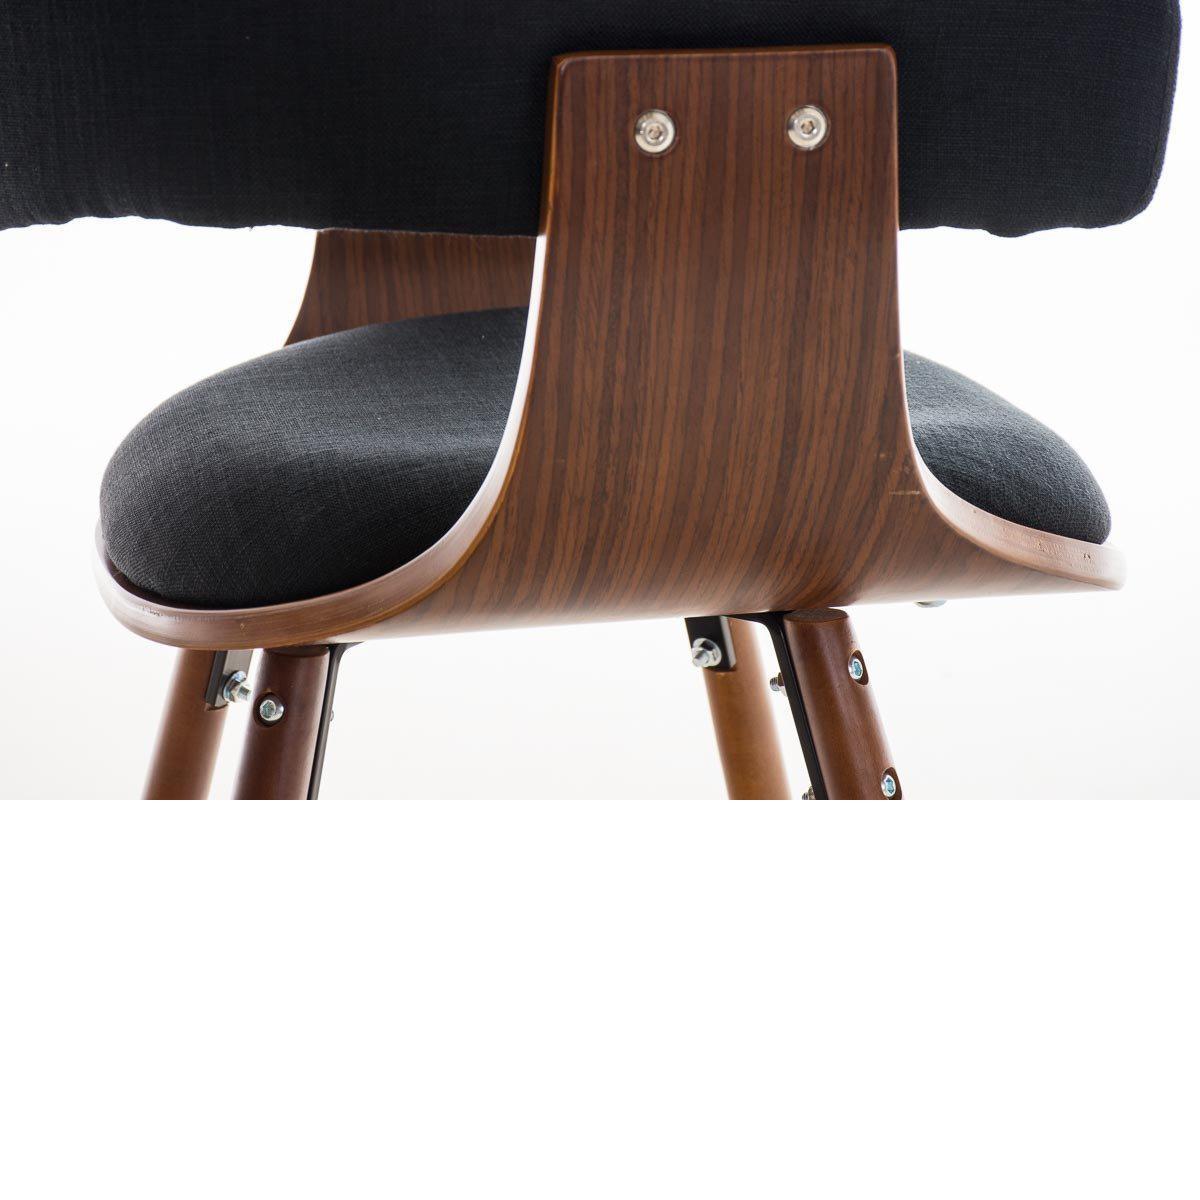 Sedia per ospiti barry lux gambe scure design all - Sedia legno design ...